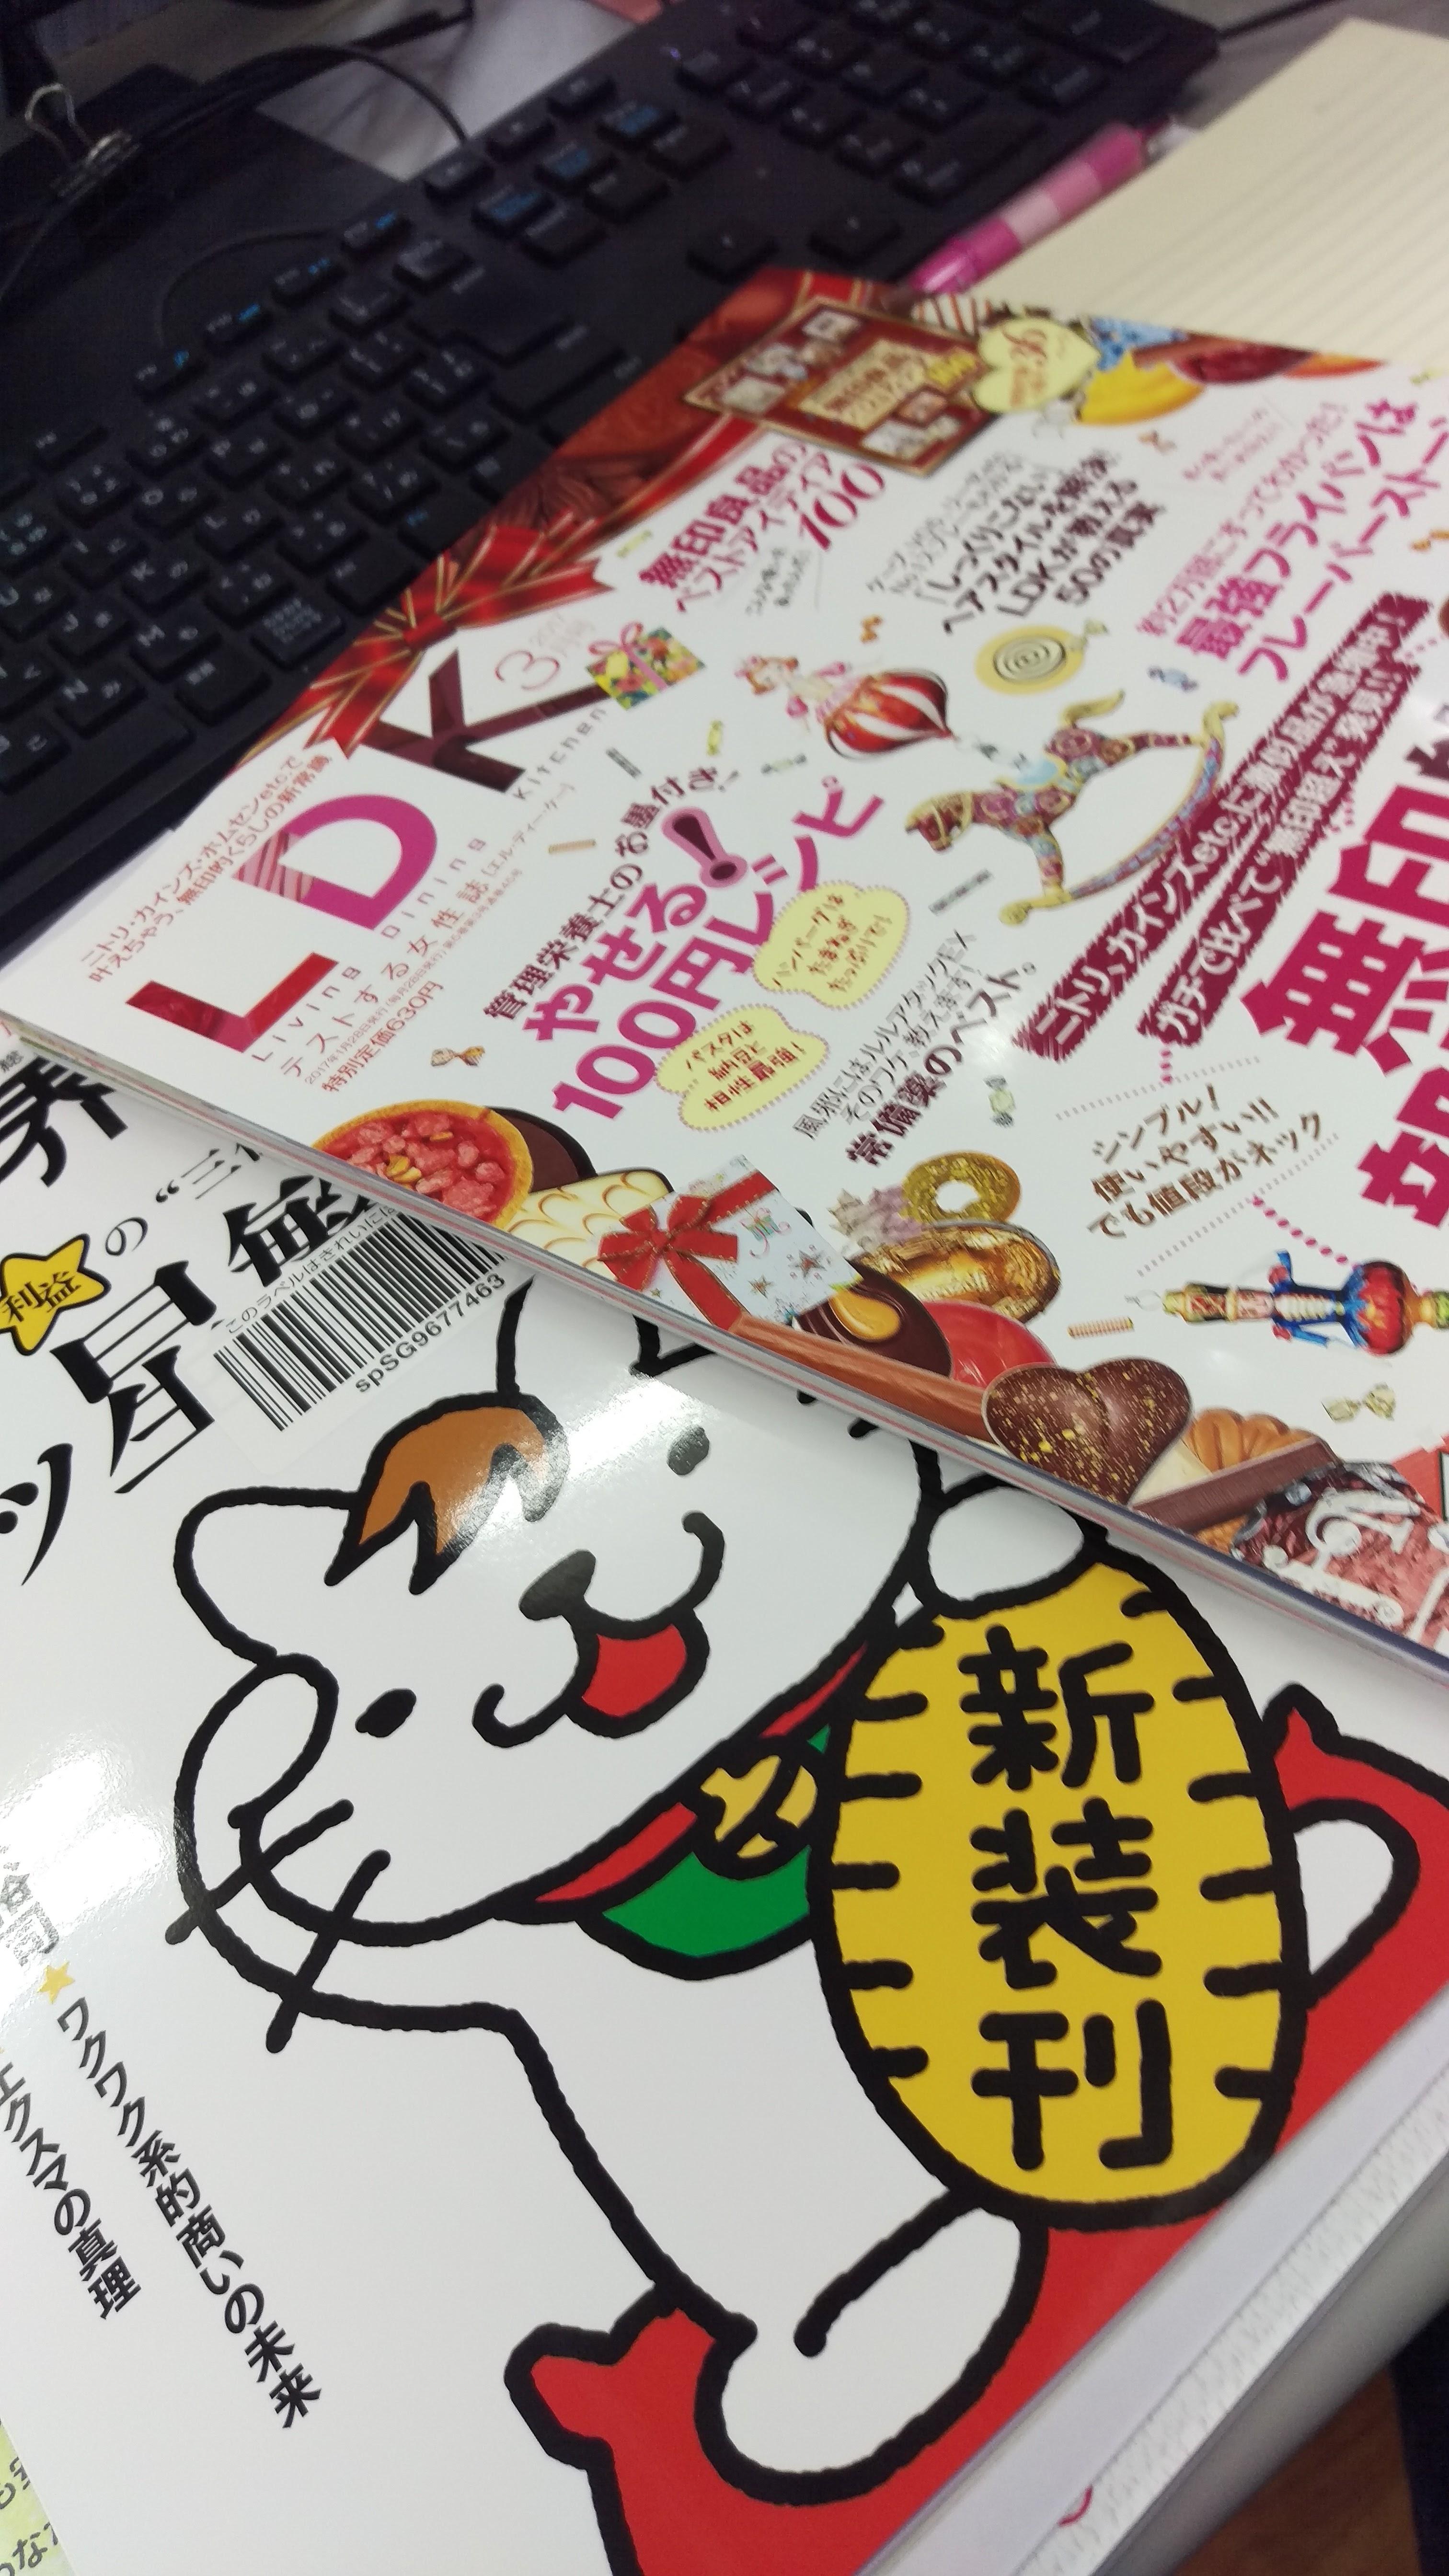 雑誌でお勉強。